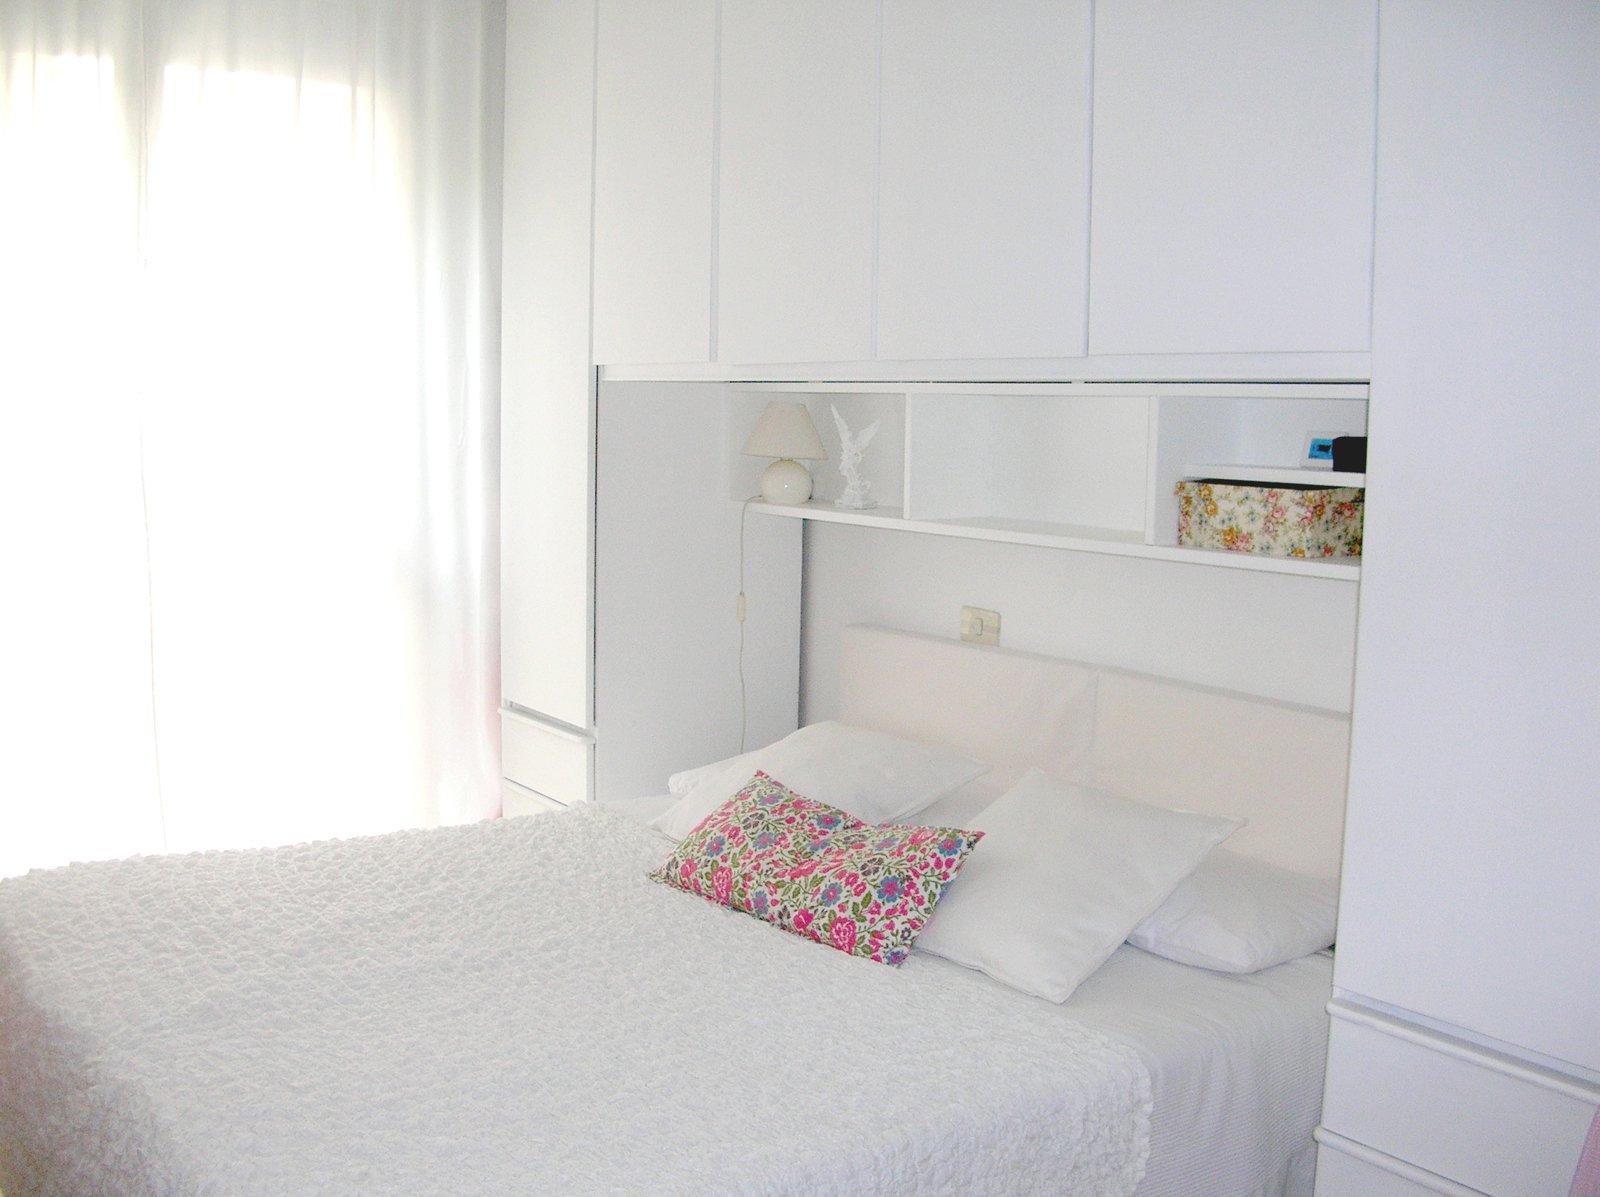 La camera da letto si fa nuova con un tocco di bianco cose di casa - Camere da letto piccole ...